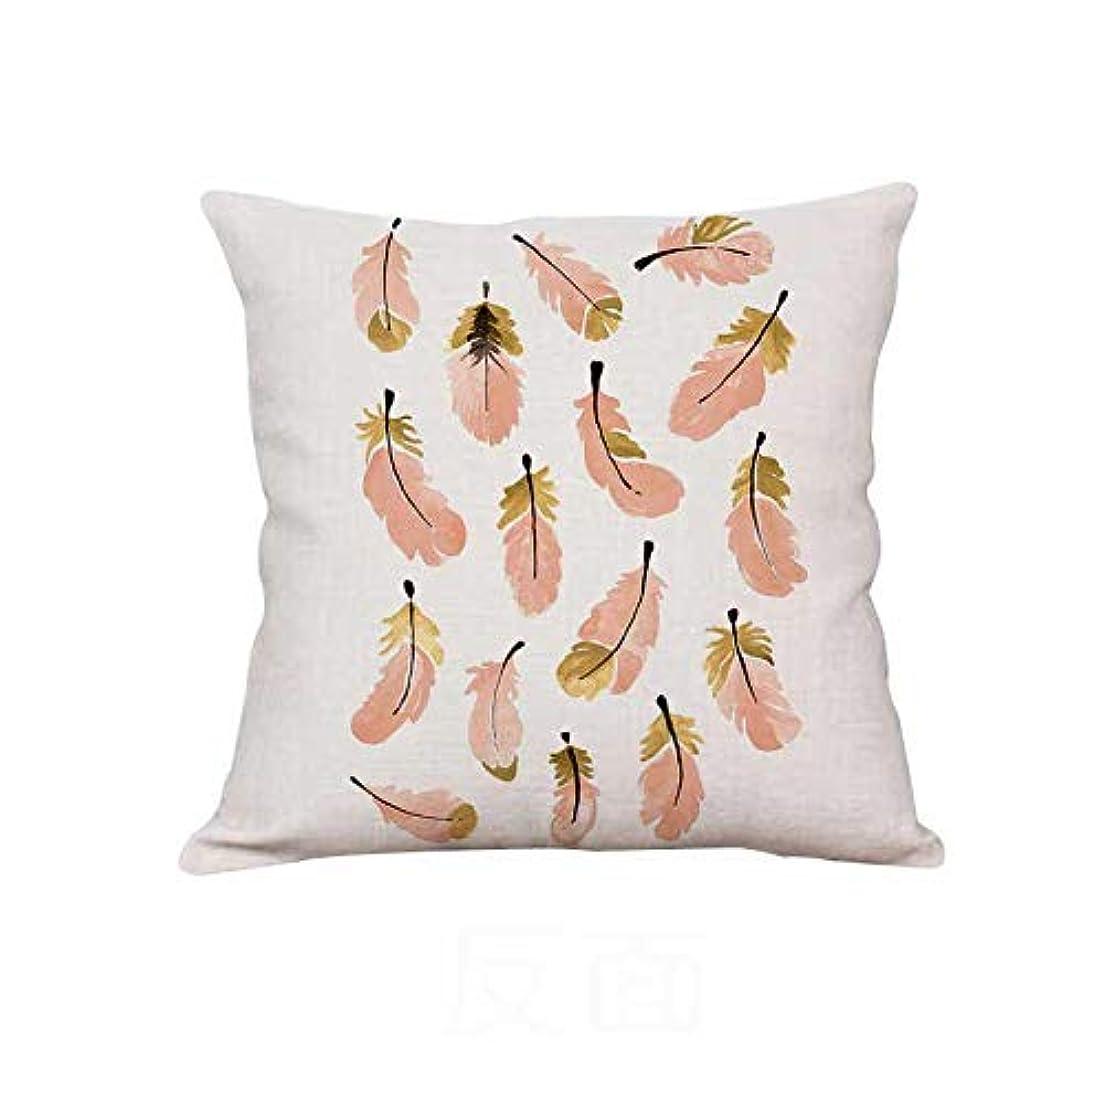 何よりも機械的キリマンジャロLIFE 新しいぬいぐるみピンクフラミンゴクッションガチョウの羽風船幾何北欧家の装飾ソファスロー枕用女の子ルーム装飾 クッション 椅子